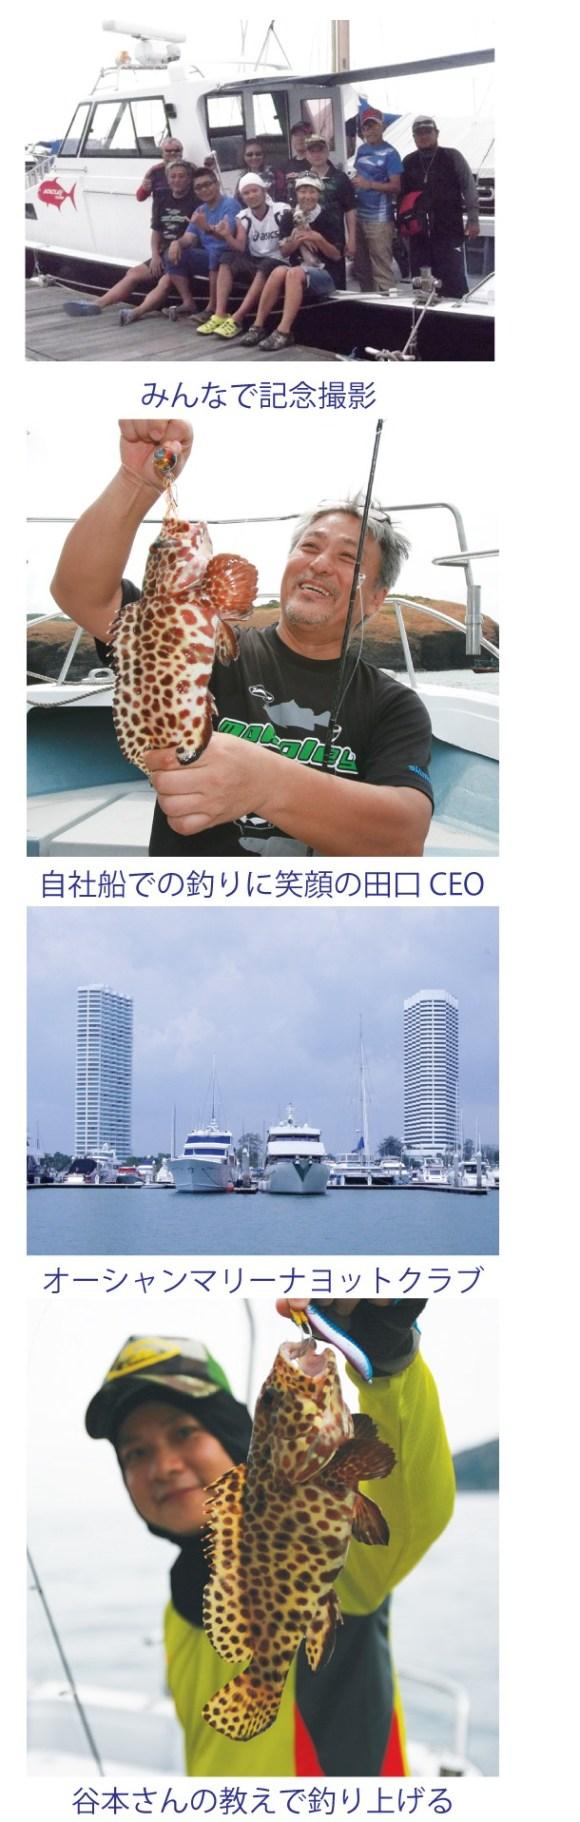 釣りツアーでおなじみMOKOLEY(モコリー)が自社船を購入